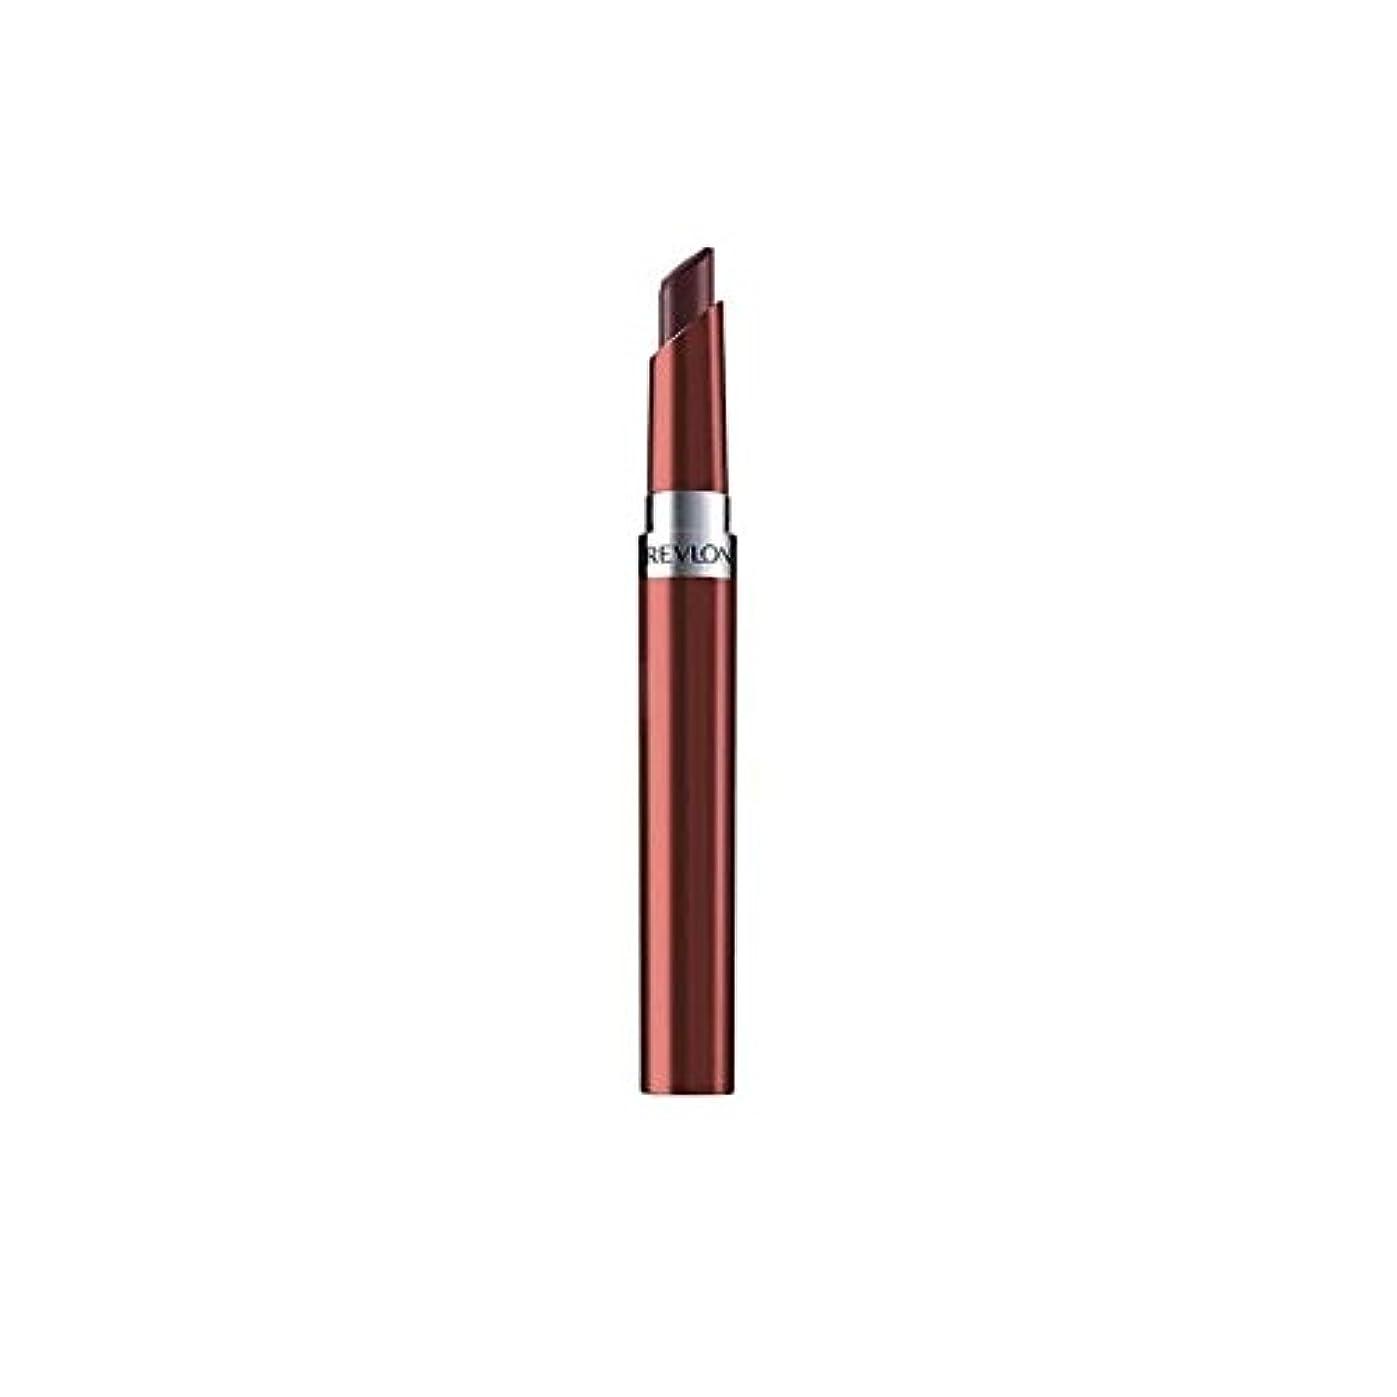 政治的天科学者レブロン超ゲルアラビカ x2 - Revlon Ultra HD Gel Lipcolor Arabica (Pack of 2) [並行輸入品]